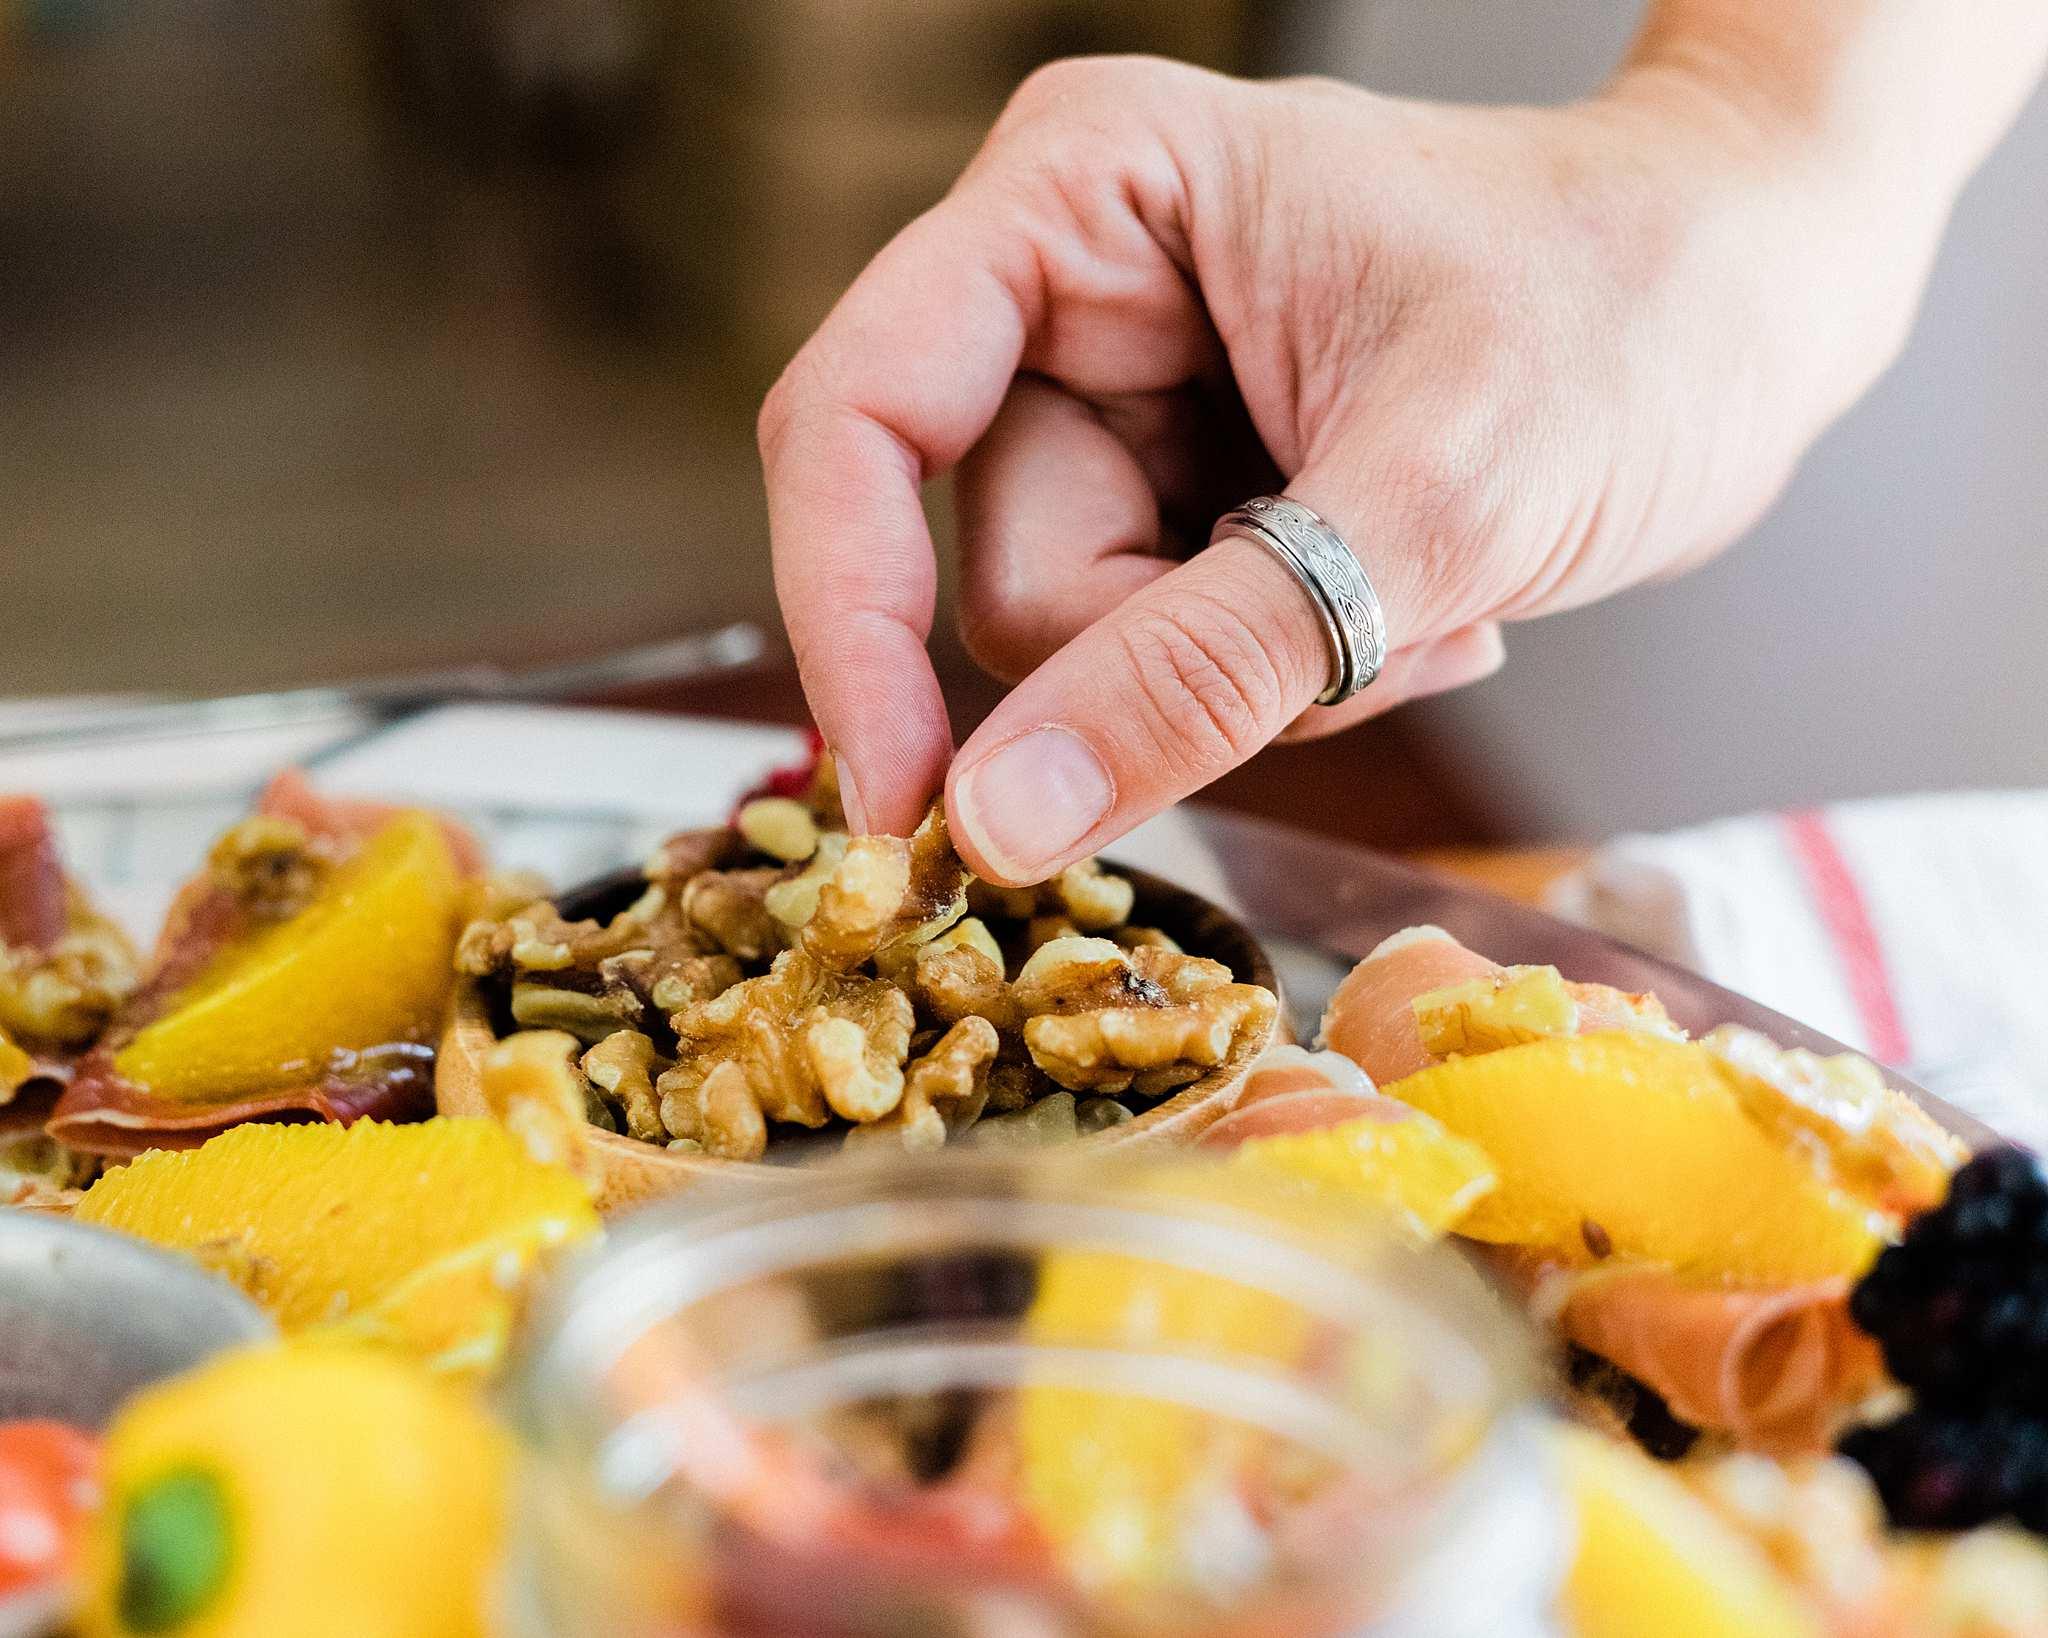 Jamon & Citrus Tapas - Let's Taco Bout It Blog